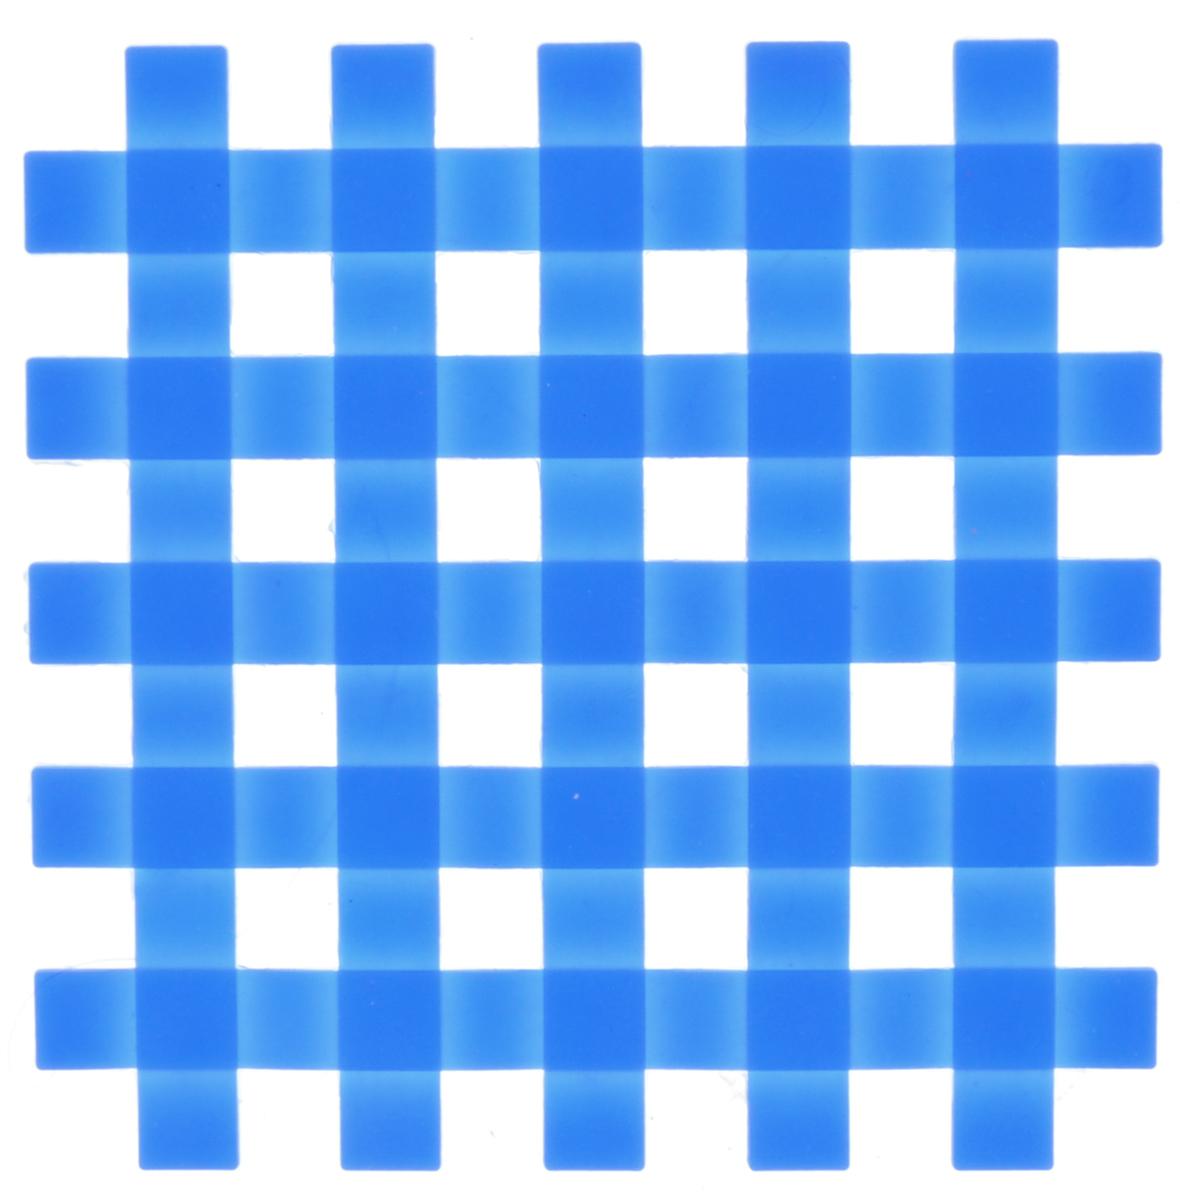 Подставка под горячее Mayer & Boch, силиконовая, цвет: синий, 17 х 17 см20059Подставка под горячее Mayer & Boch изготовлена из силикона и оформлена в виде сетки. Материал позволяет выдерживать высокие температуры и не скользит по поверхности стола. Каждая хозяйка знает, что подставка под горячее - это незаменимый и очень полезный аксессуар на каждой кухне. Ваш стол будет не только украшен яркой и оригинальной подставкой, но также вы сможете уберечь его от воздействия высоких температур.